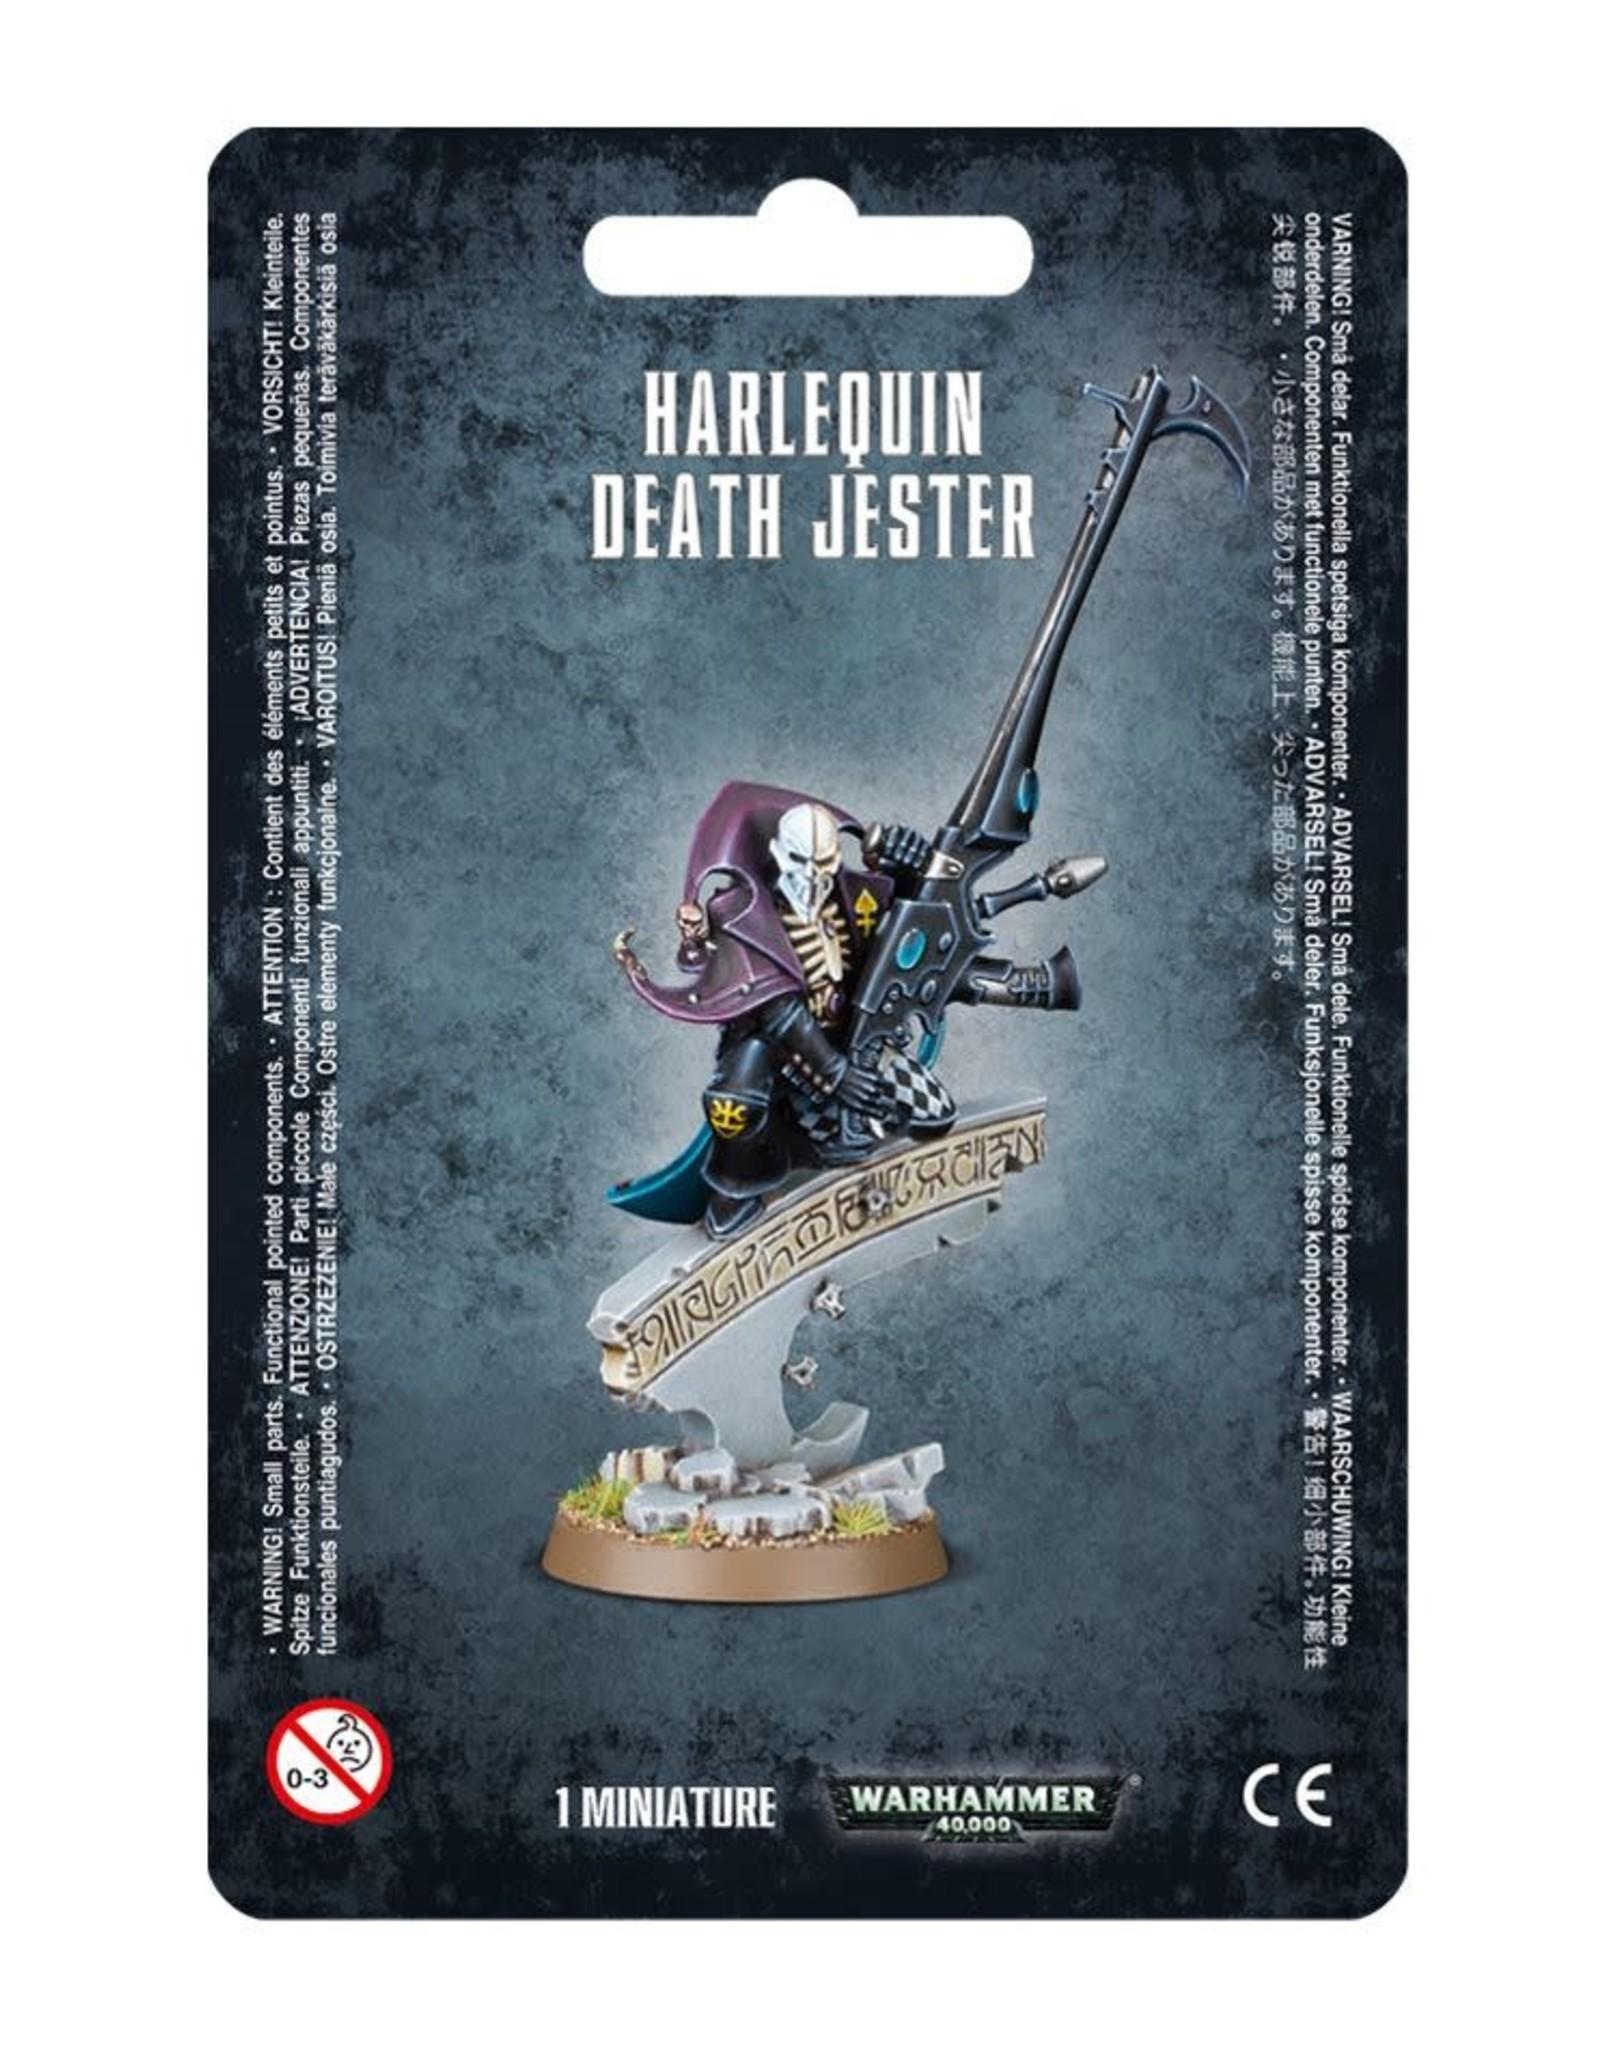 Warhammer 40K Harlequin Death Jester